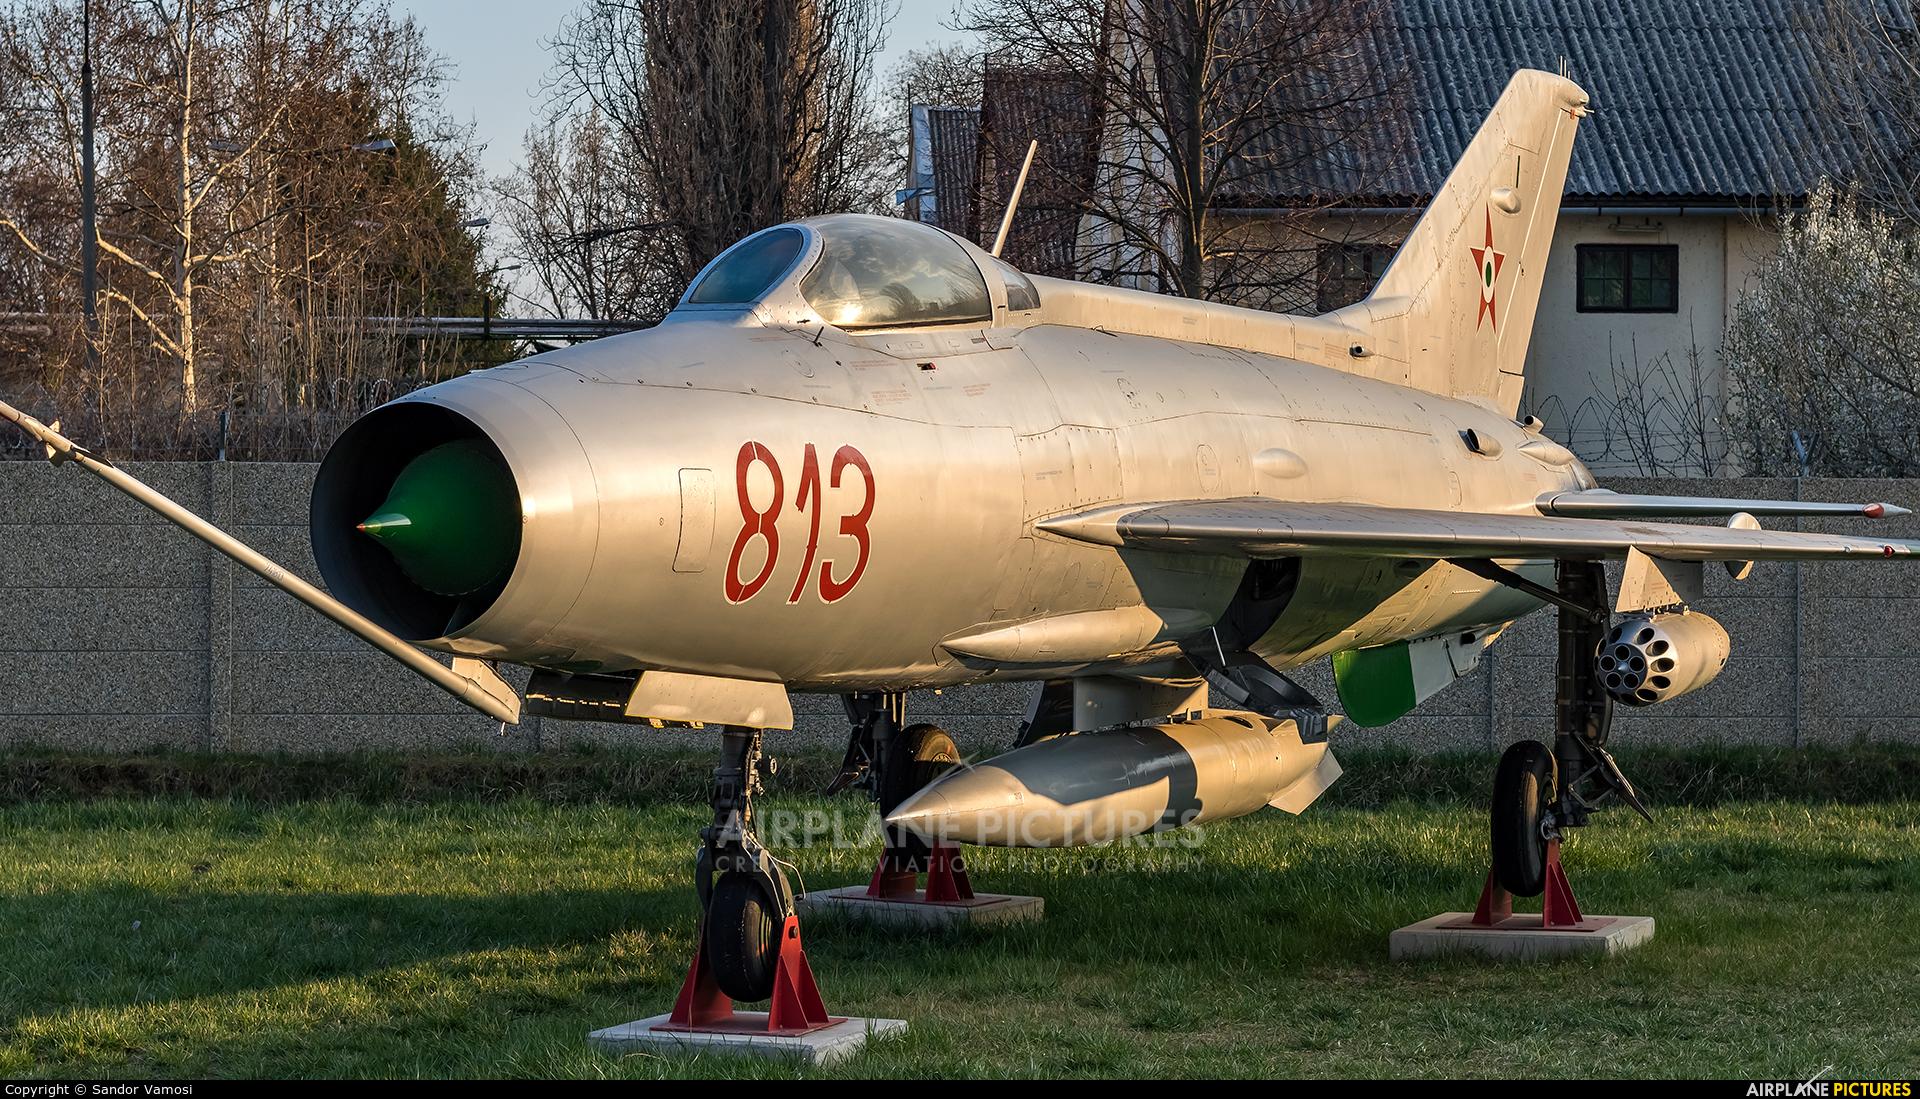 Hungary - Air Force 813 aircraft at Off Airport - Hungary